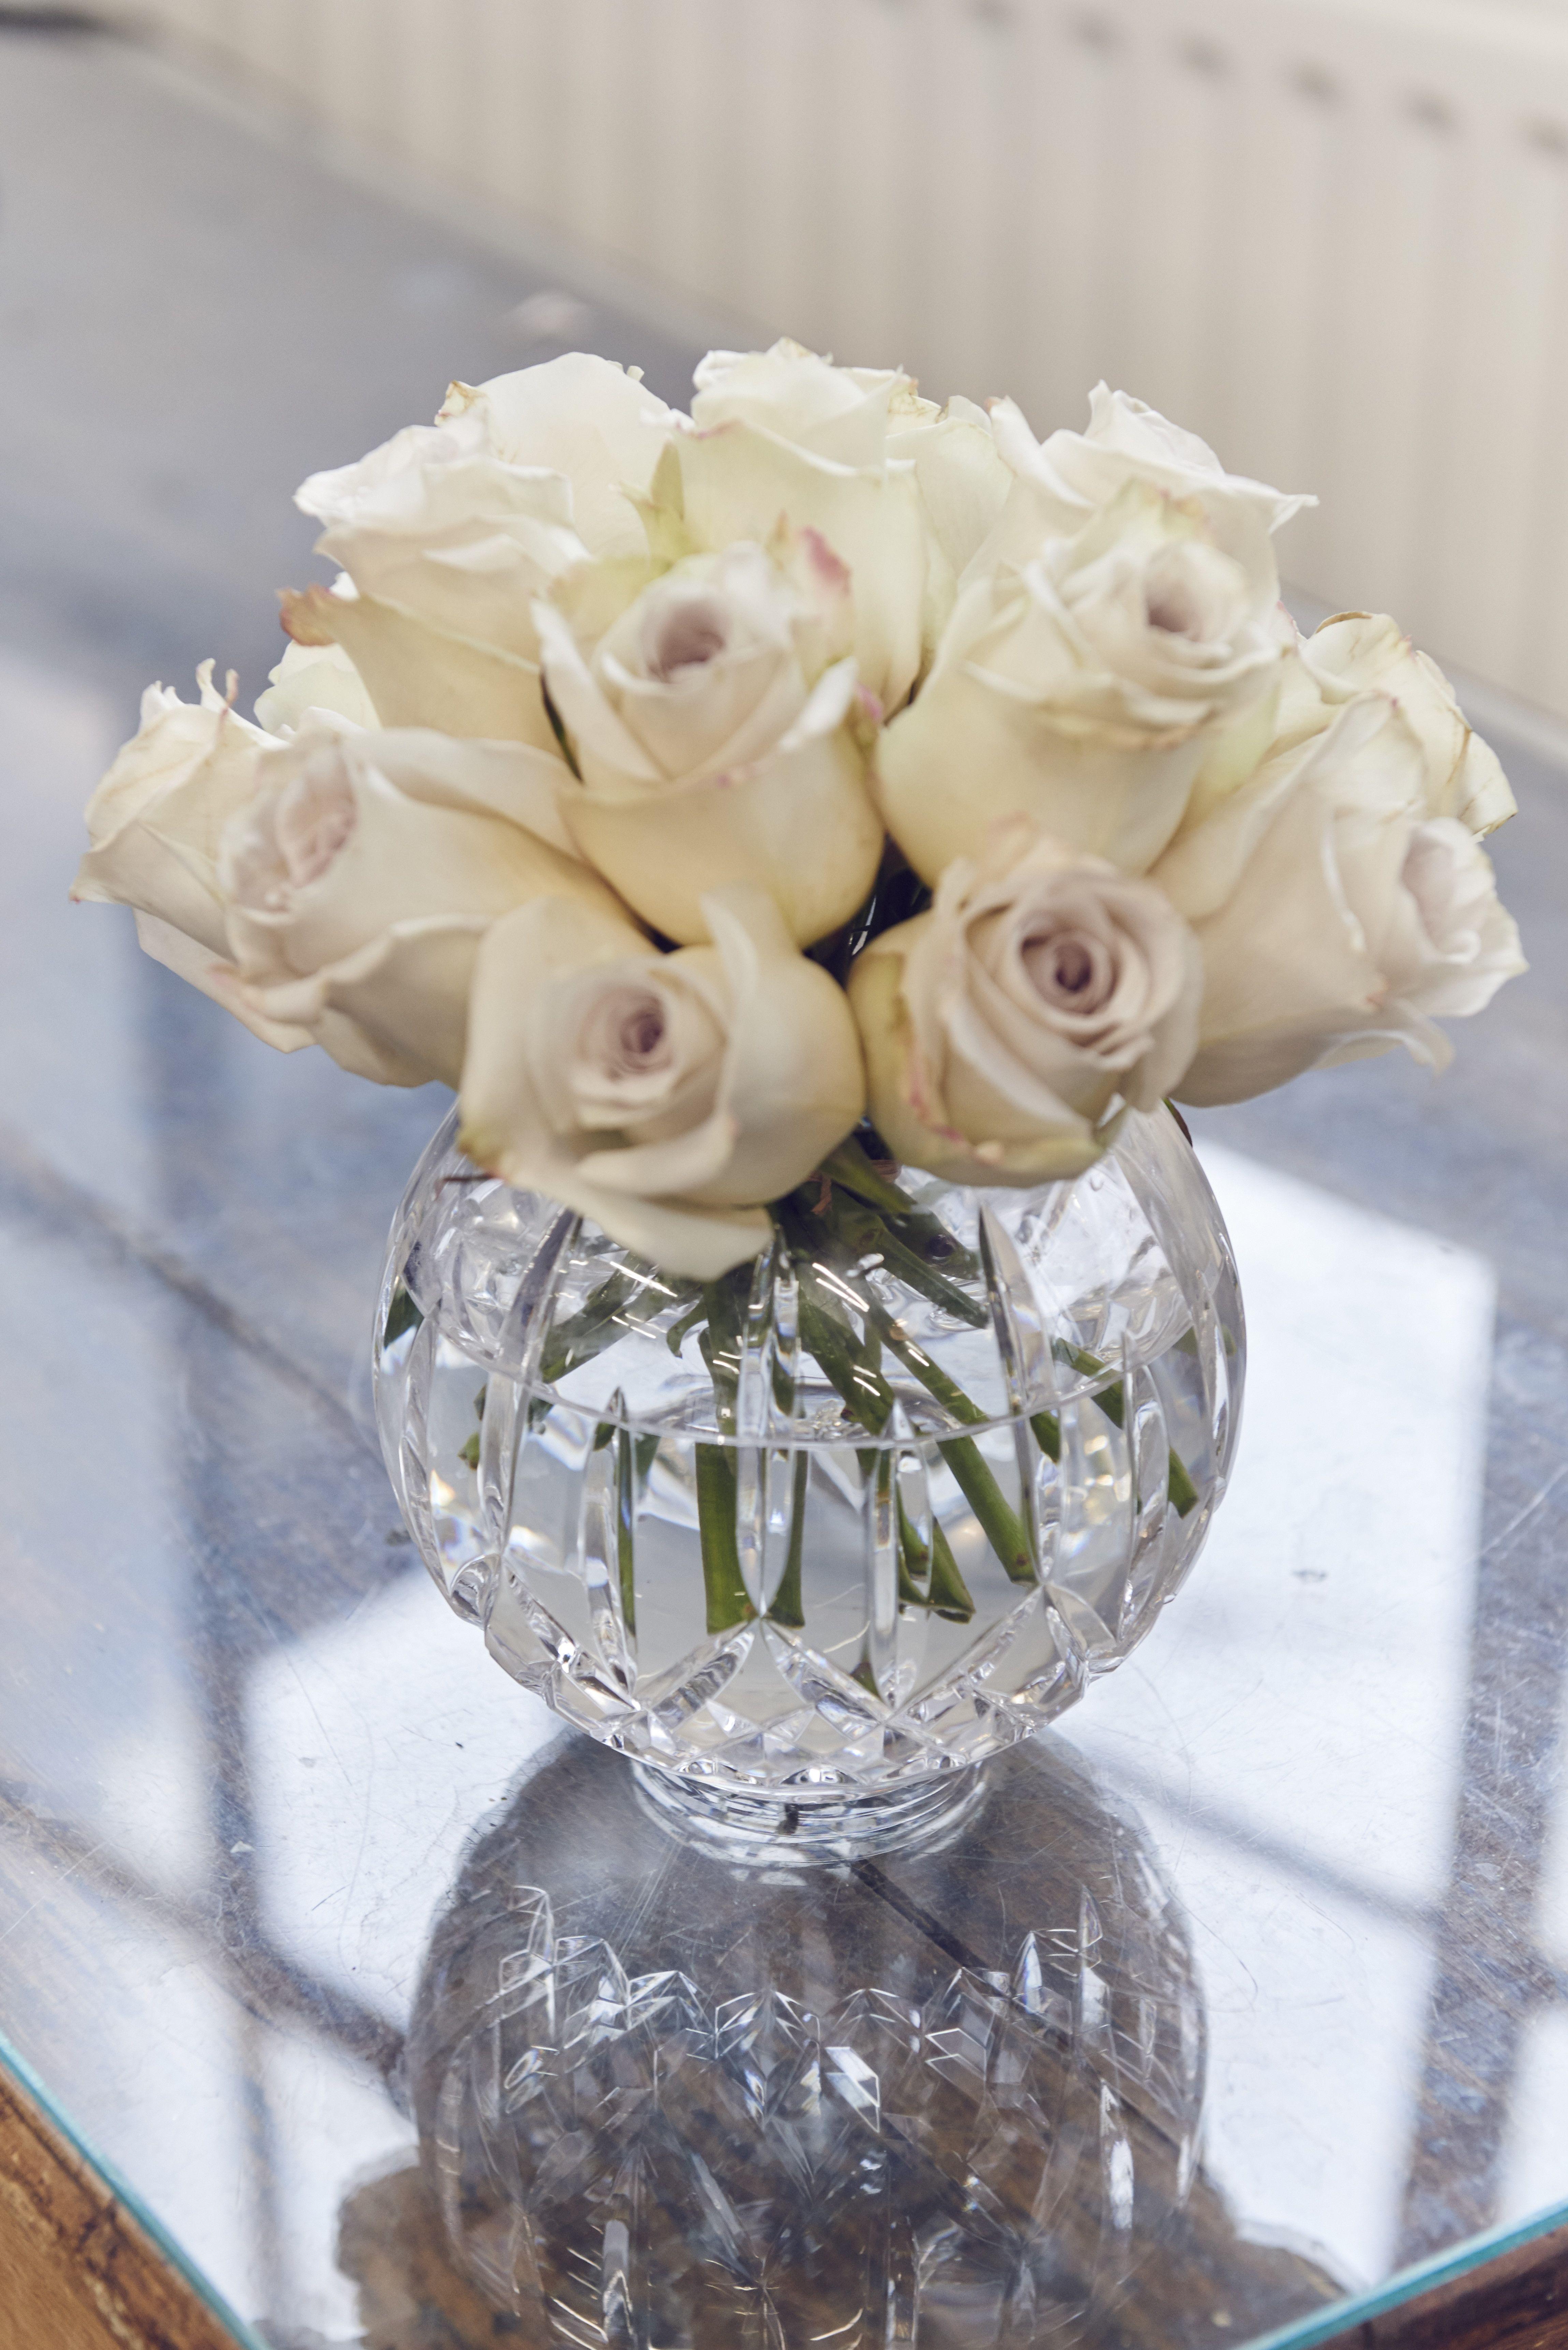 Lismore Rose Bowl 15cm Flower Candle Picture Arrangements Wedding Centerpieces